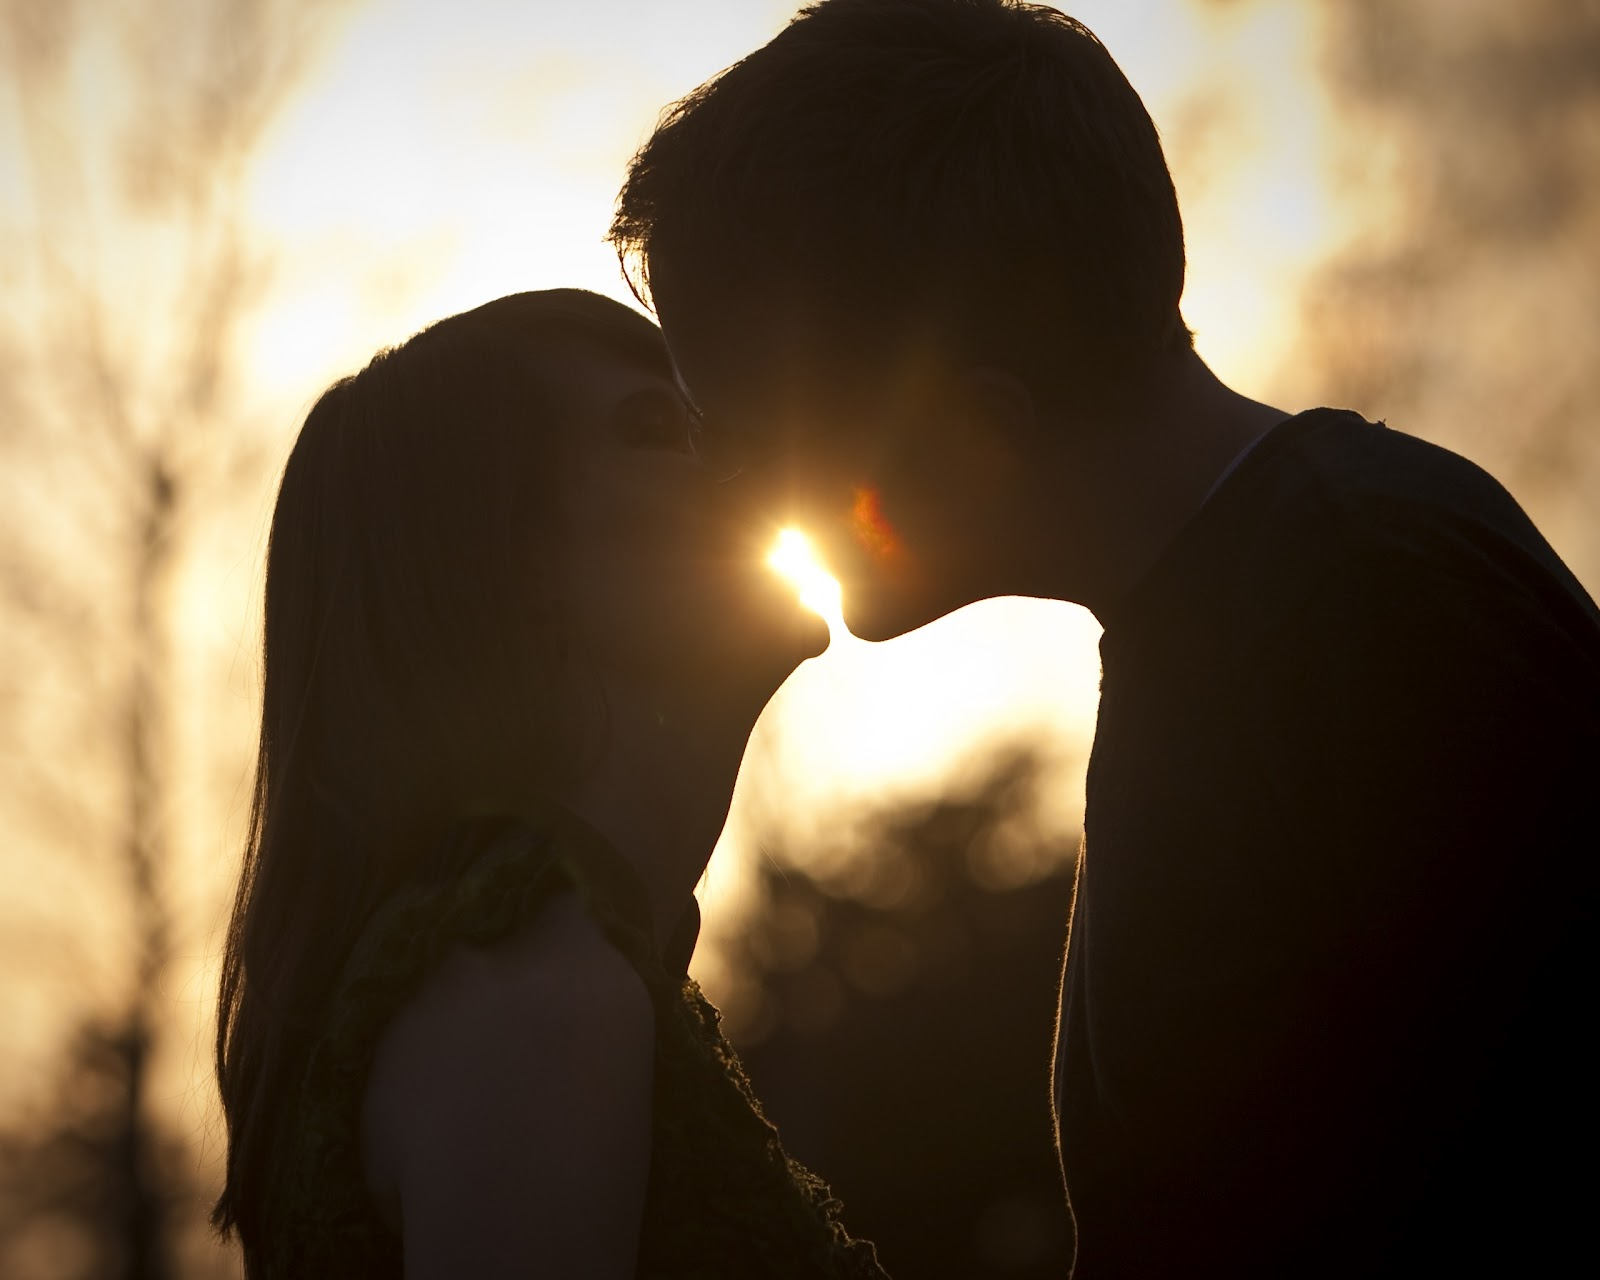 скачать бесплатные картинки про любовь - Прикольные любовные картинки скачать бесплатно